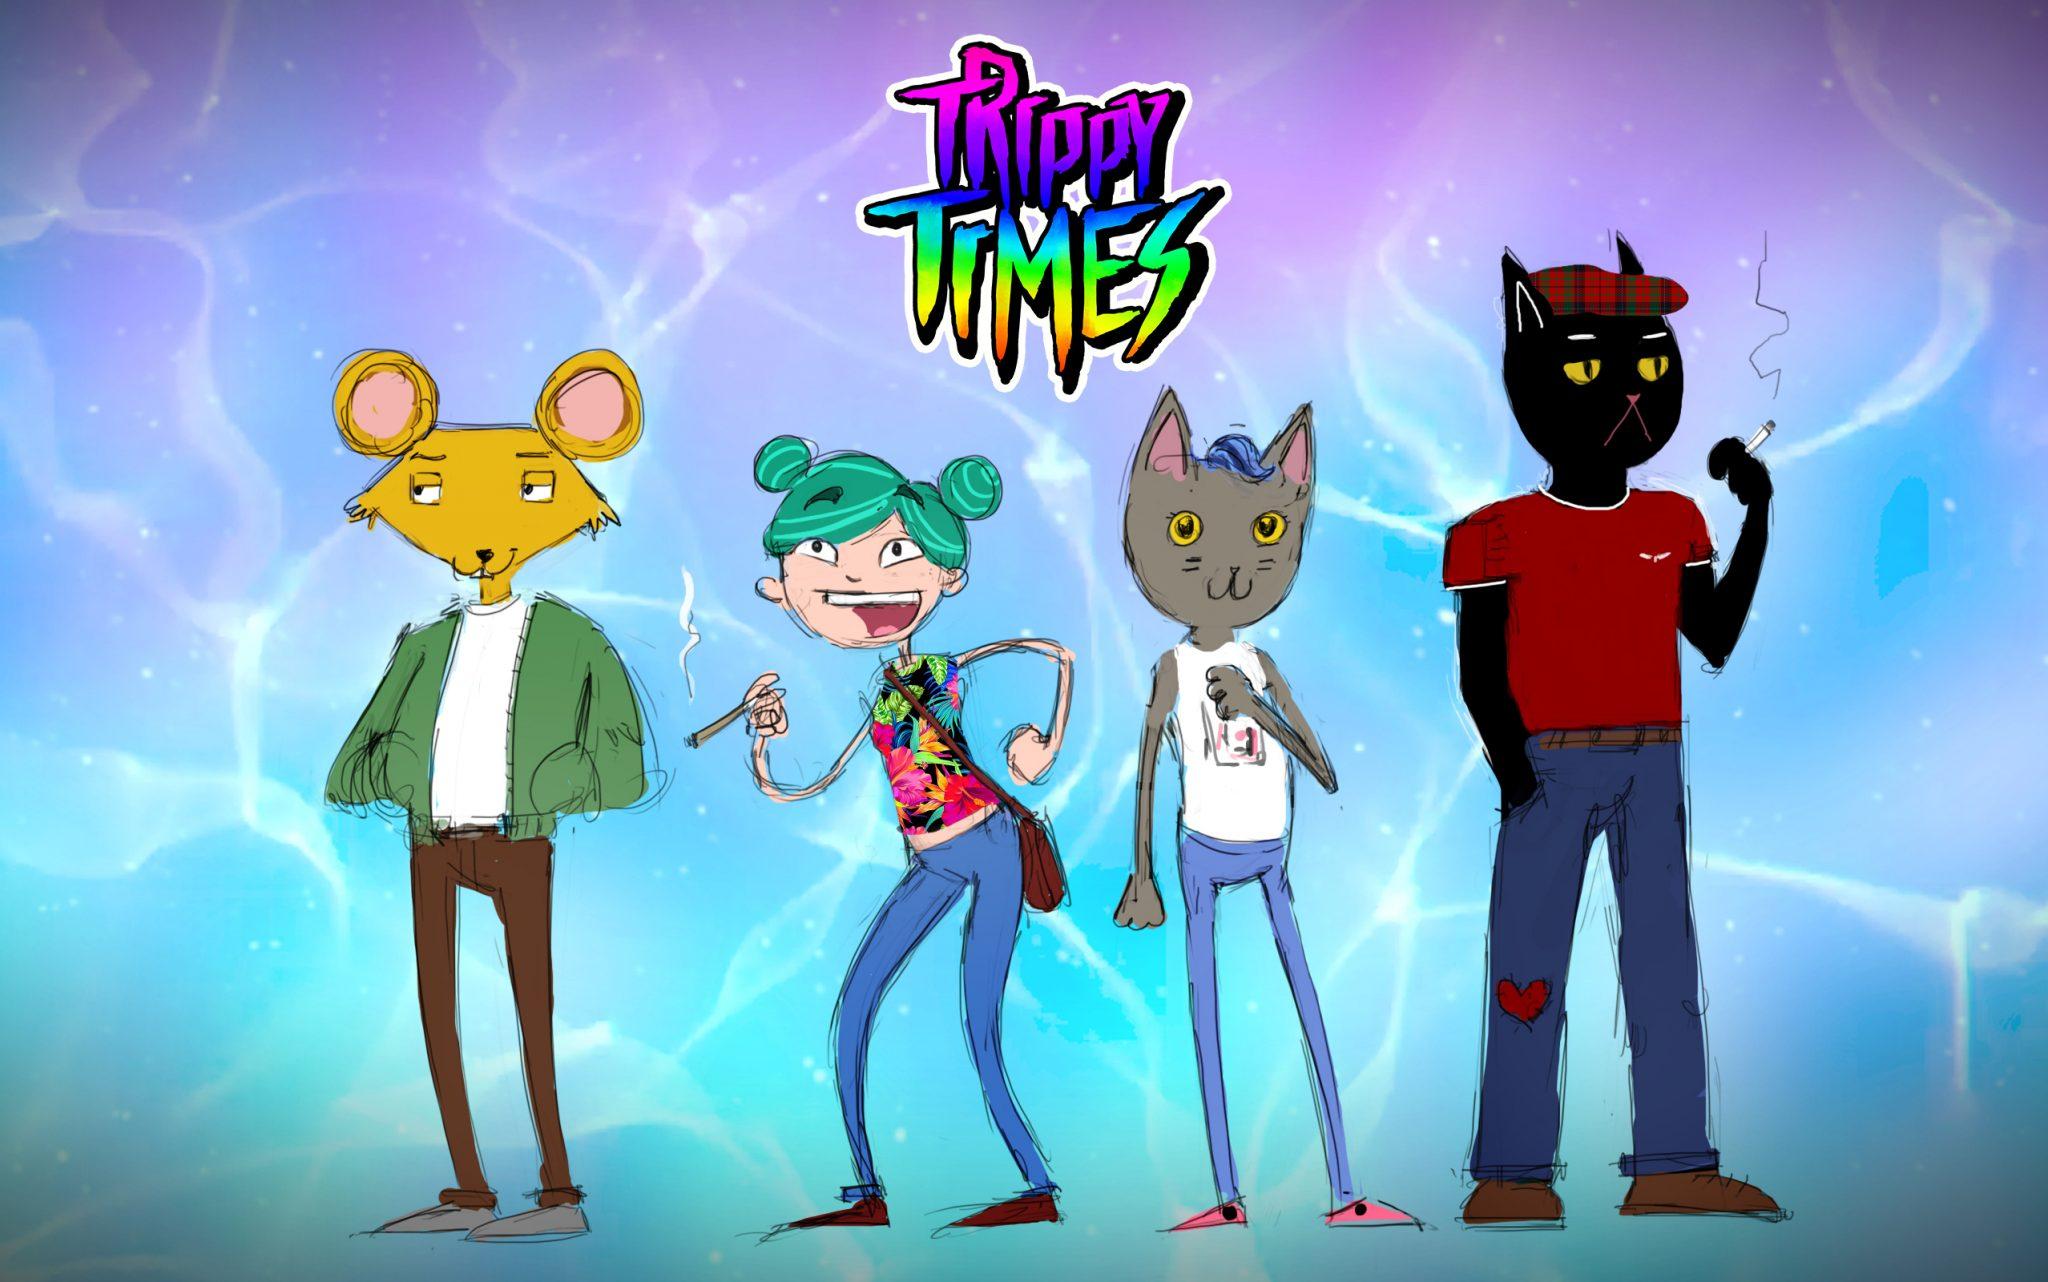 Characterdesign von jungen Erwachsenen